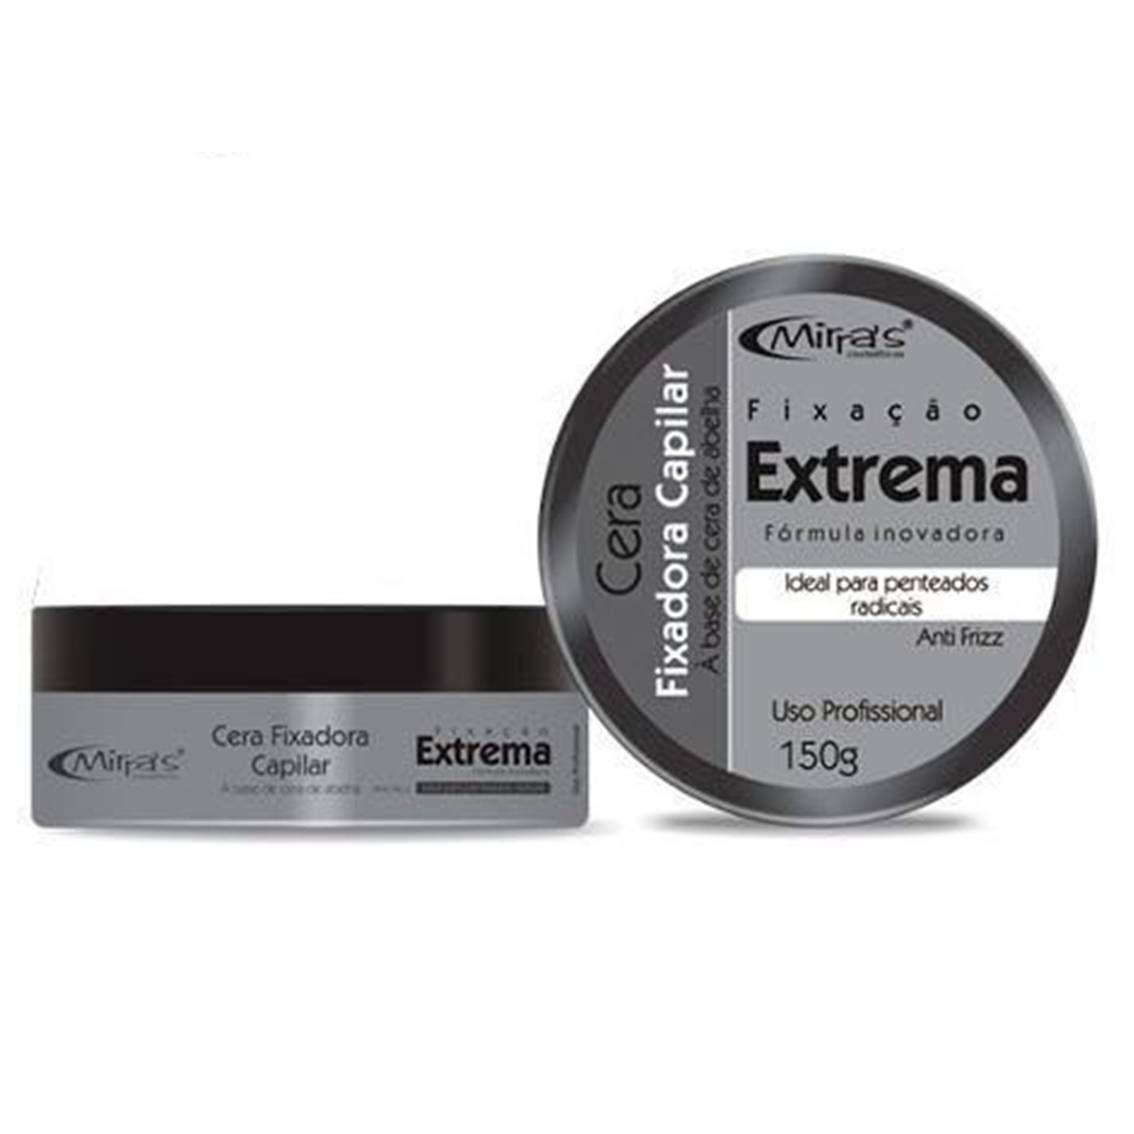 Caixa Com 12 Pomada Cera Fixação Extrema Mirra's 150 gr